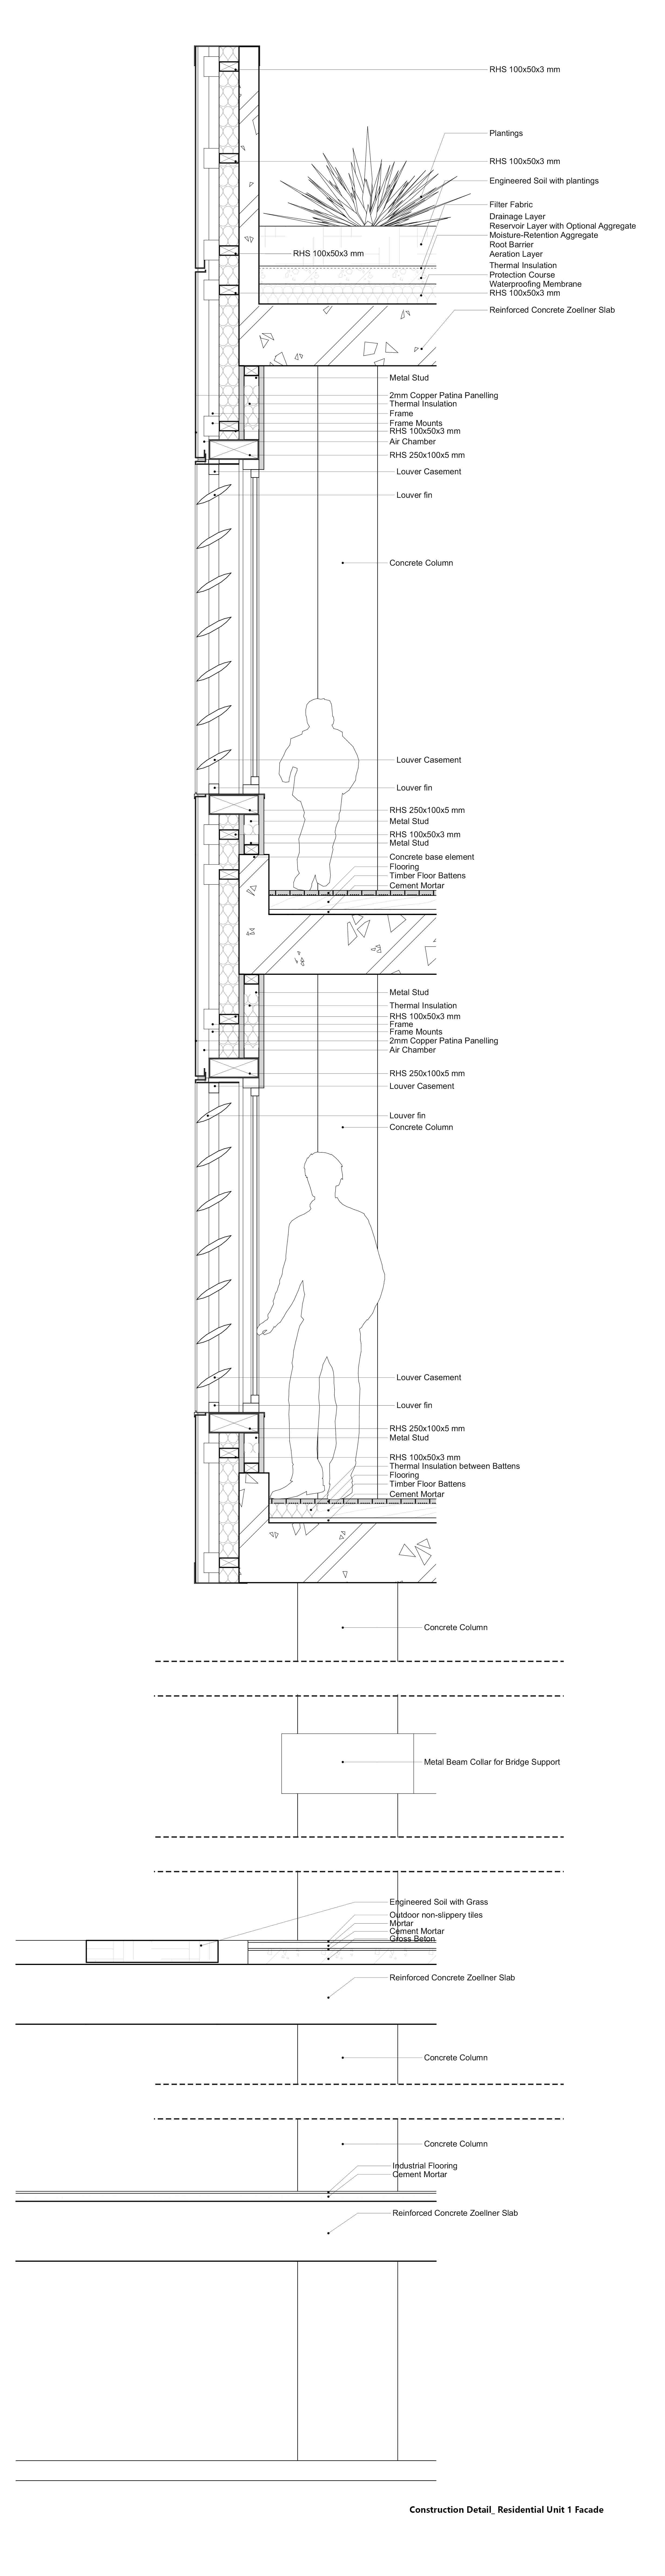 Construction Detail Yanniotis & Associates}